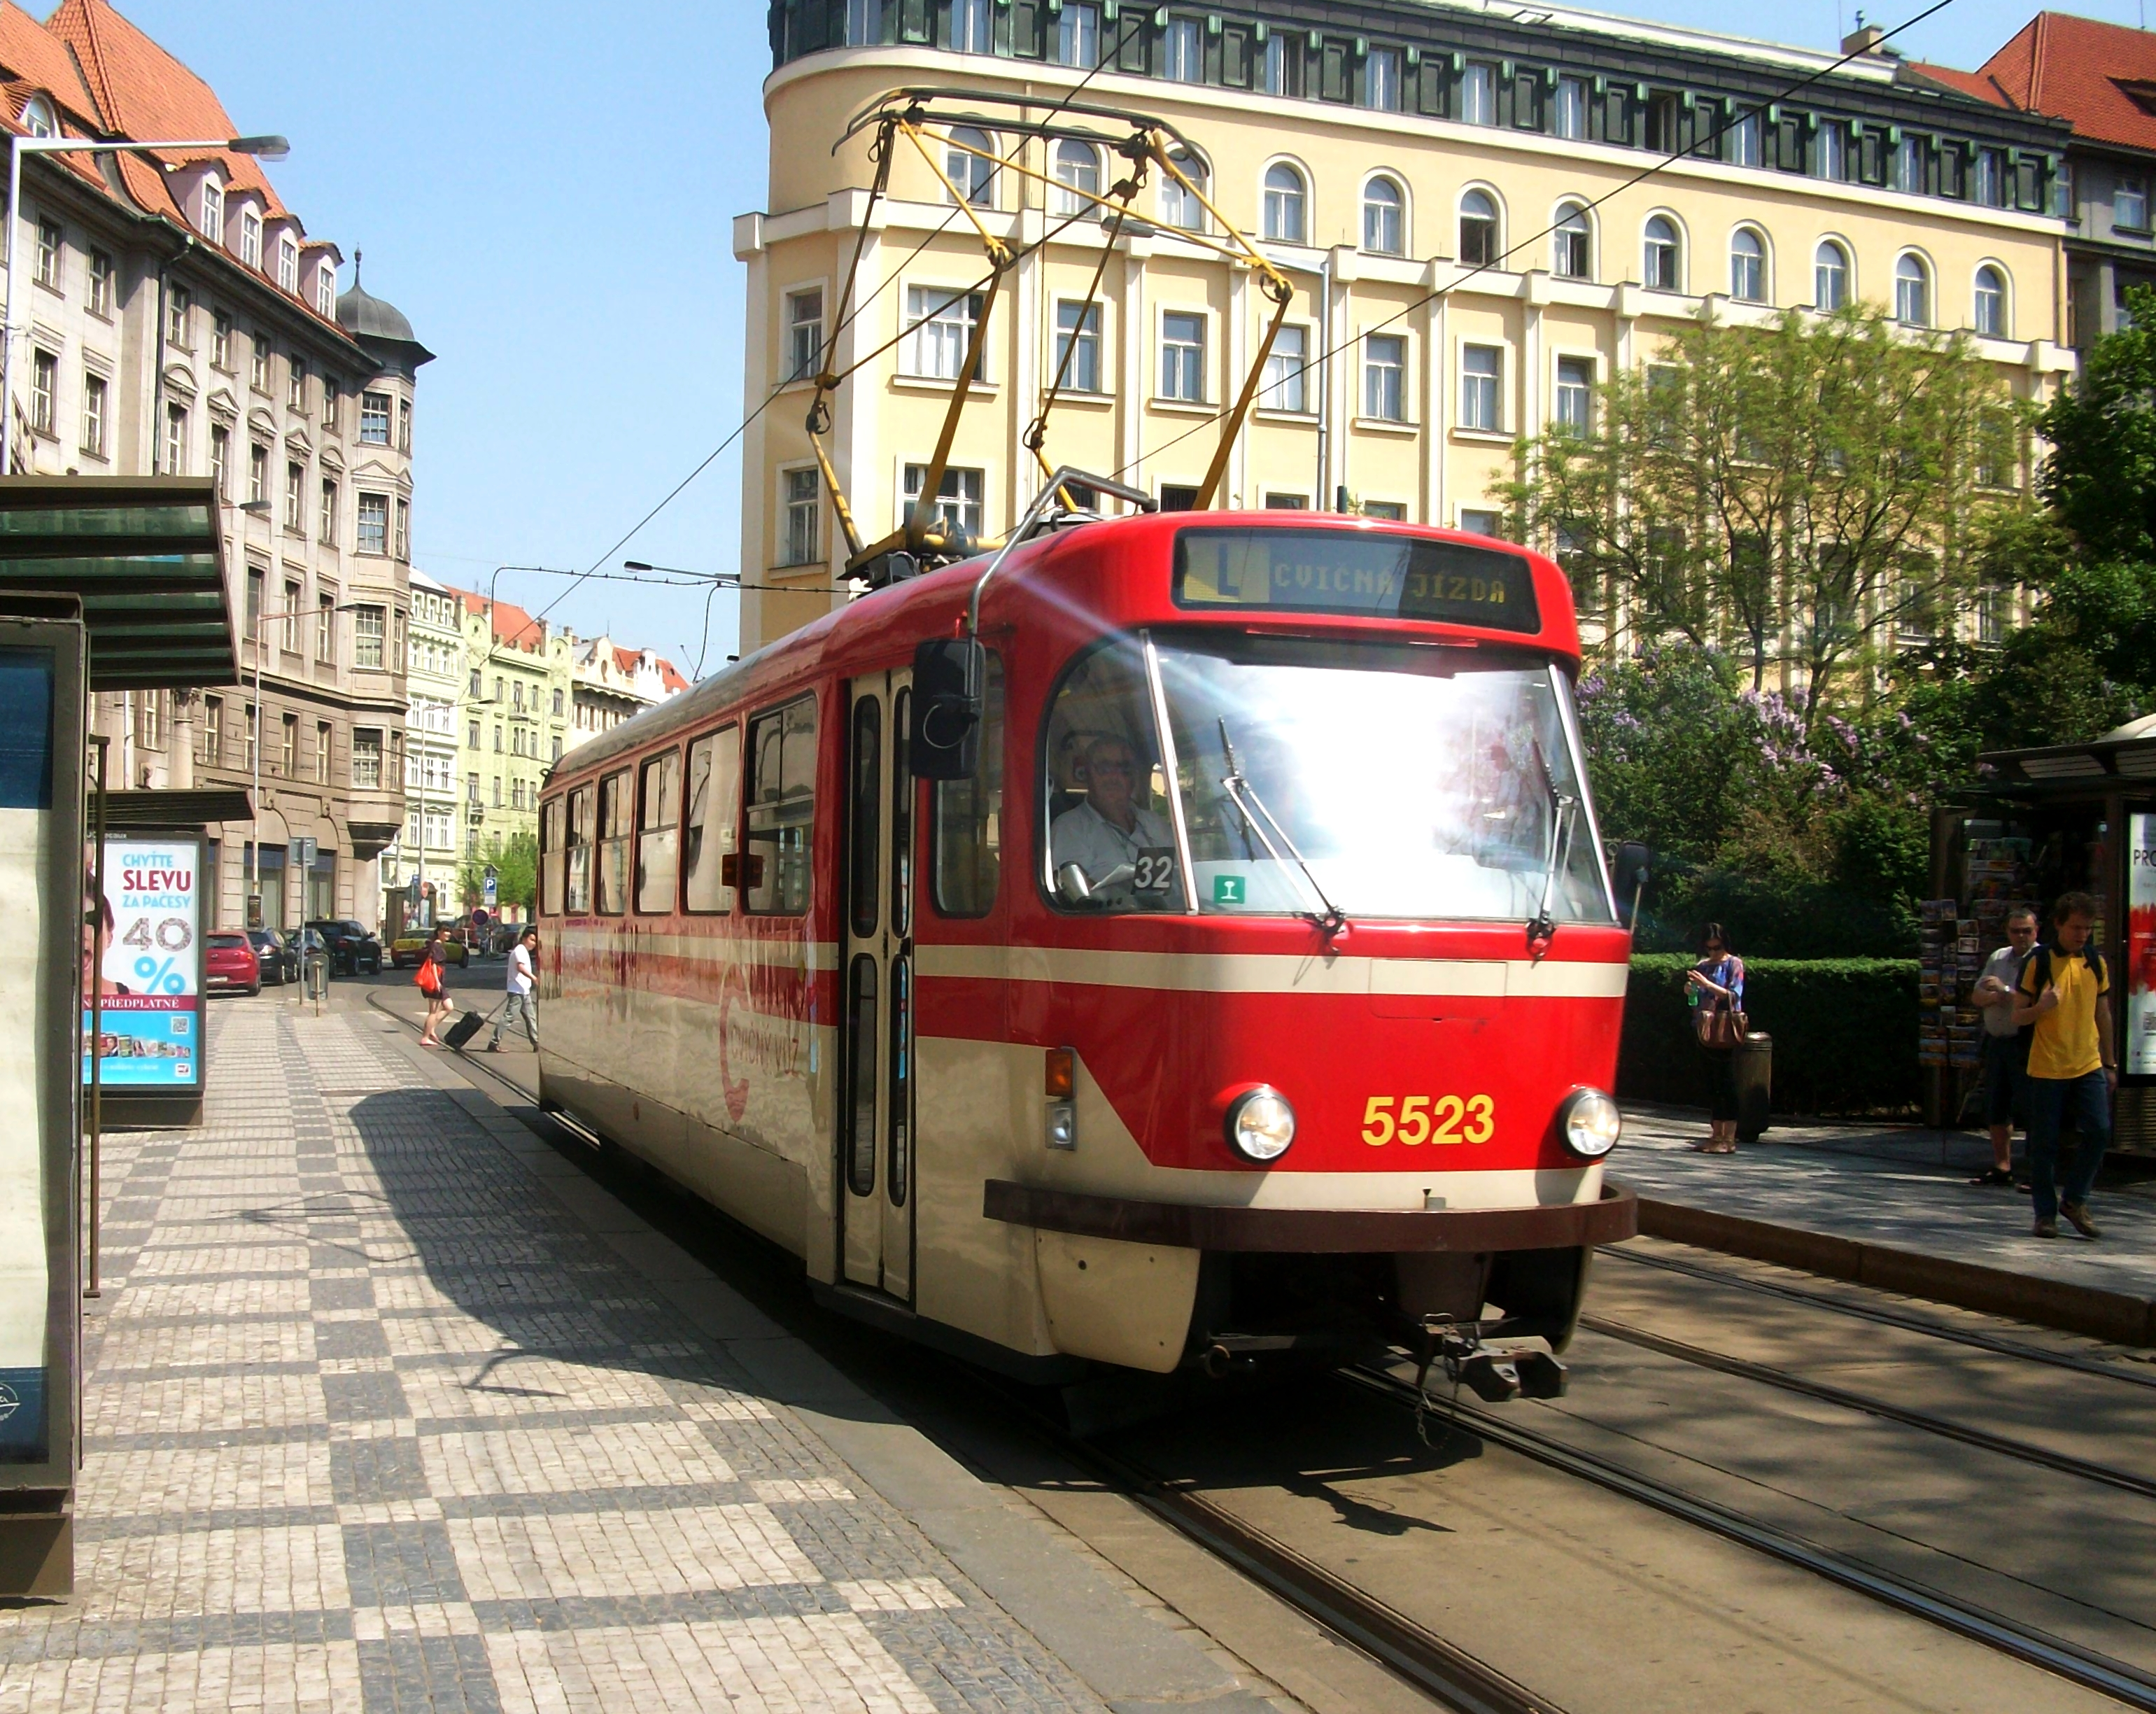 P n°5523 driving school tram in Prague.JPG